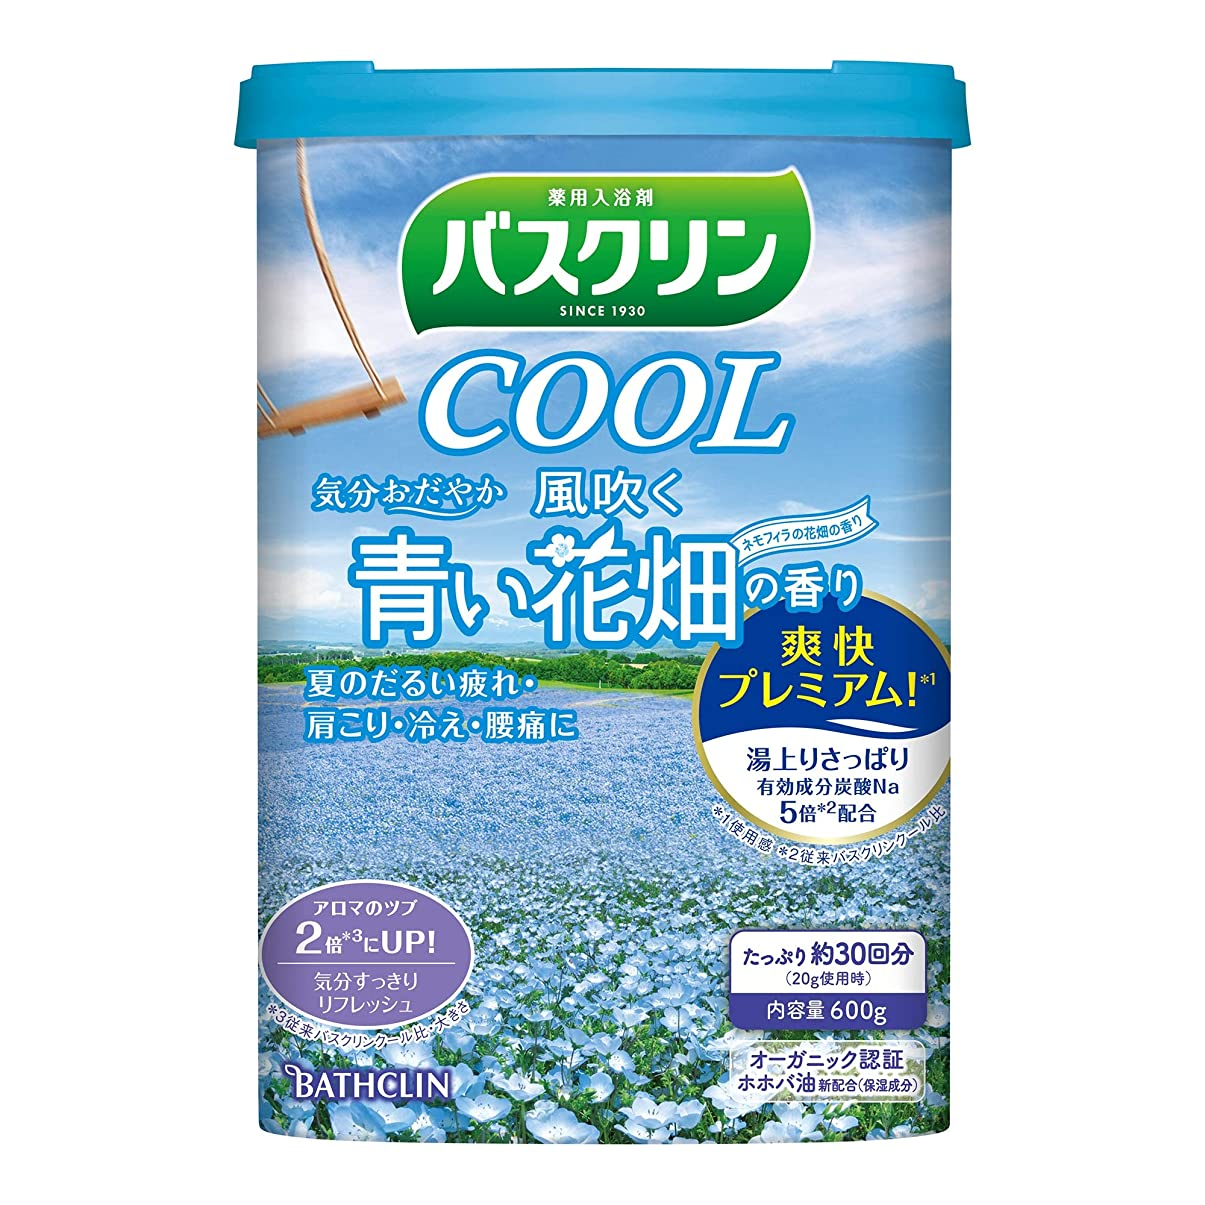 ますます低下ずっと【医薬部外品】バスクリンクール入浴剤 風吹く青い花畑の香り600g クール入浴剤 すっきりさわやか